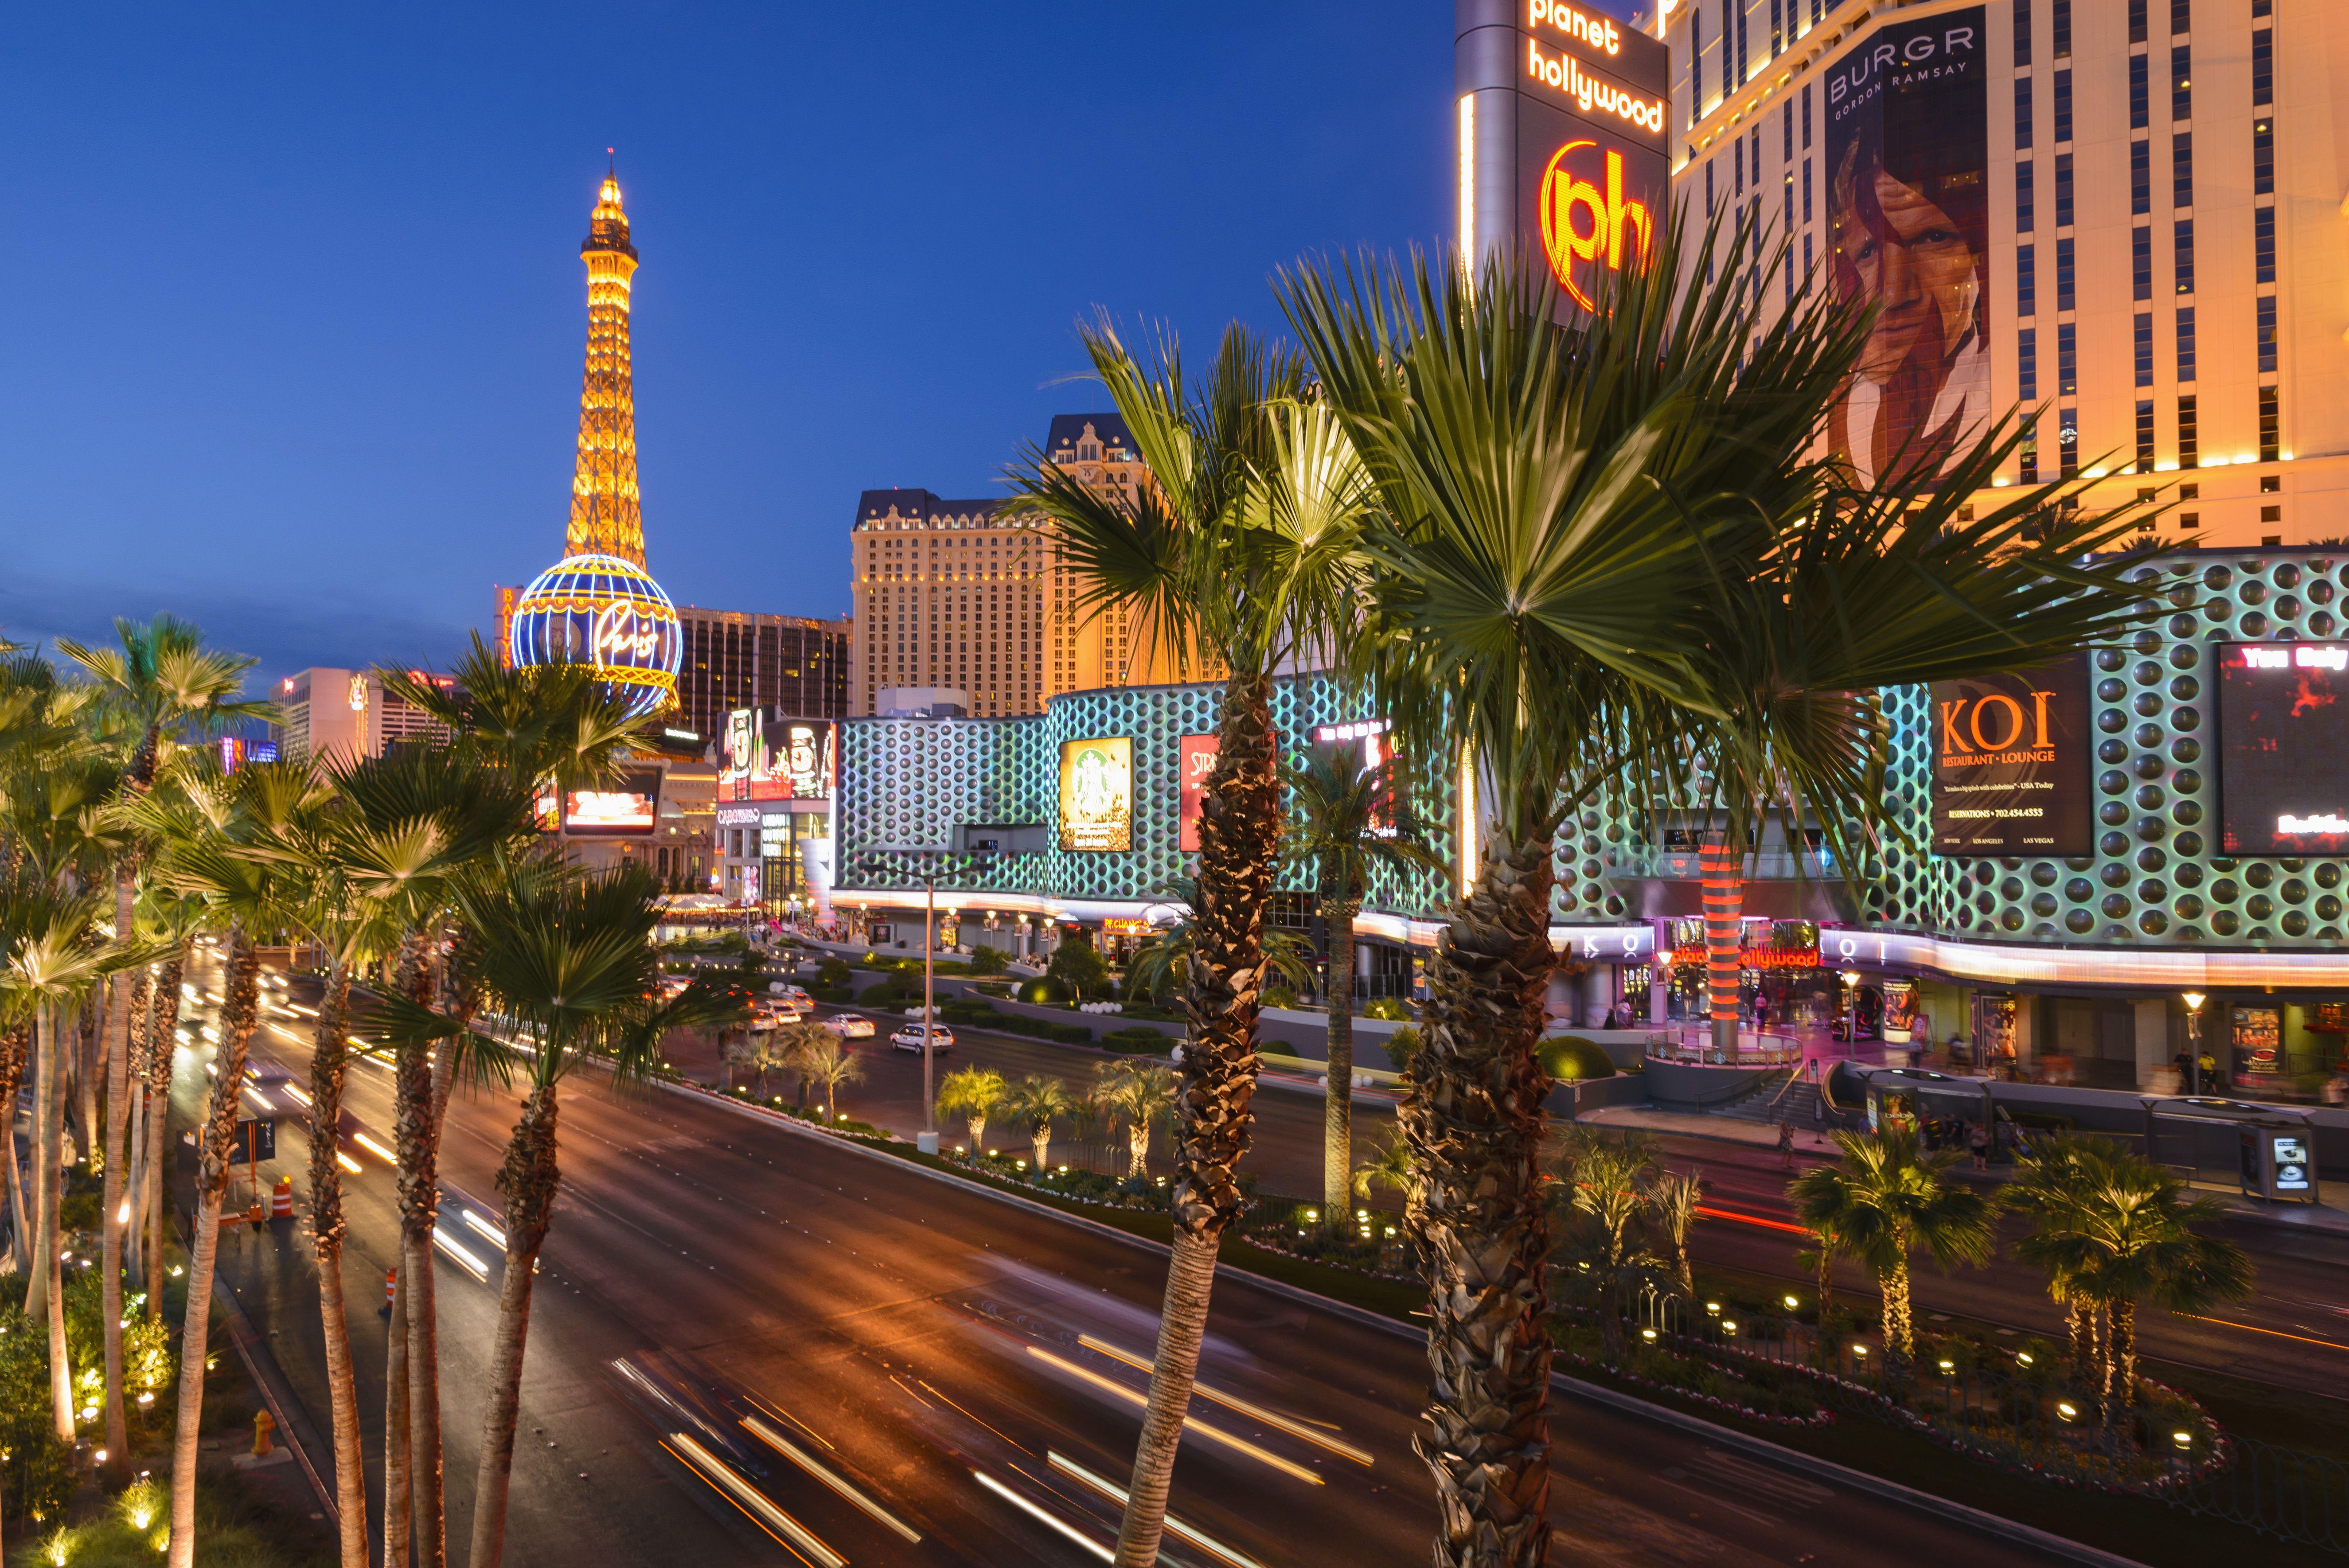 FrГјhstГјck In Las Vegas